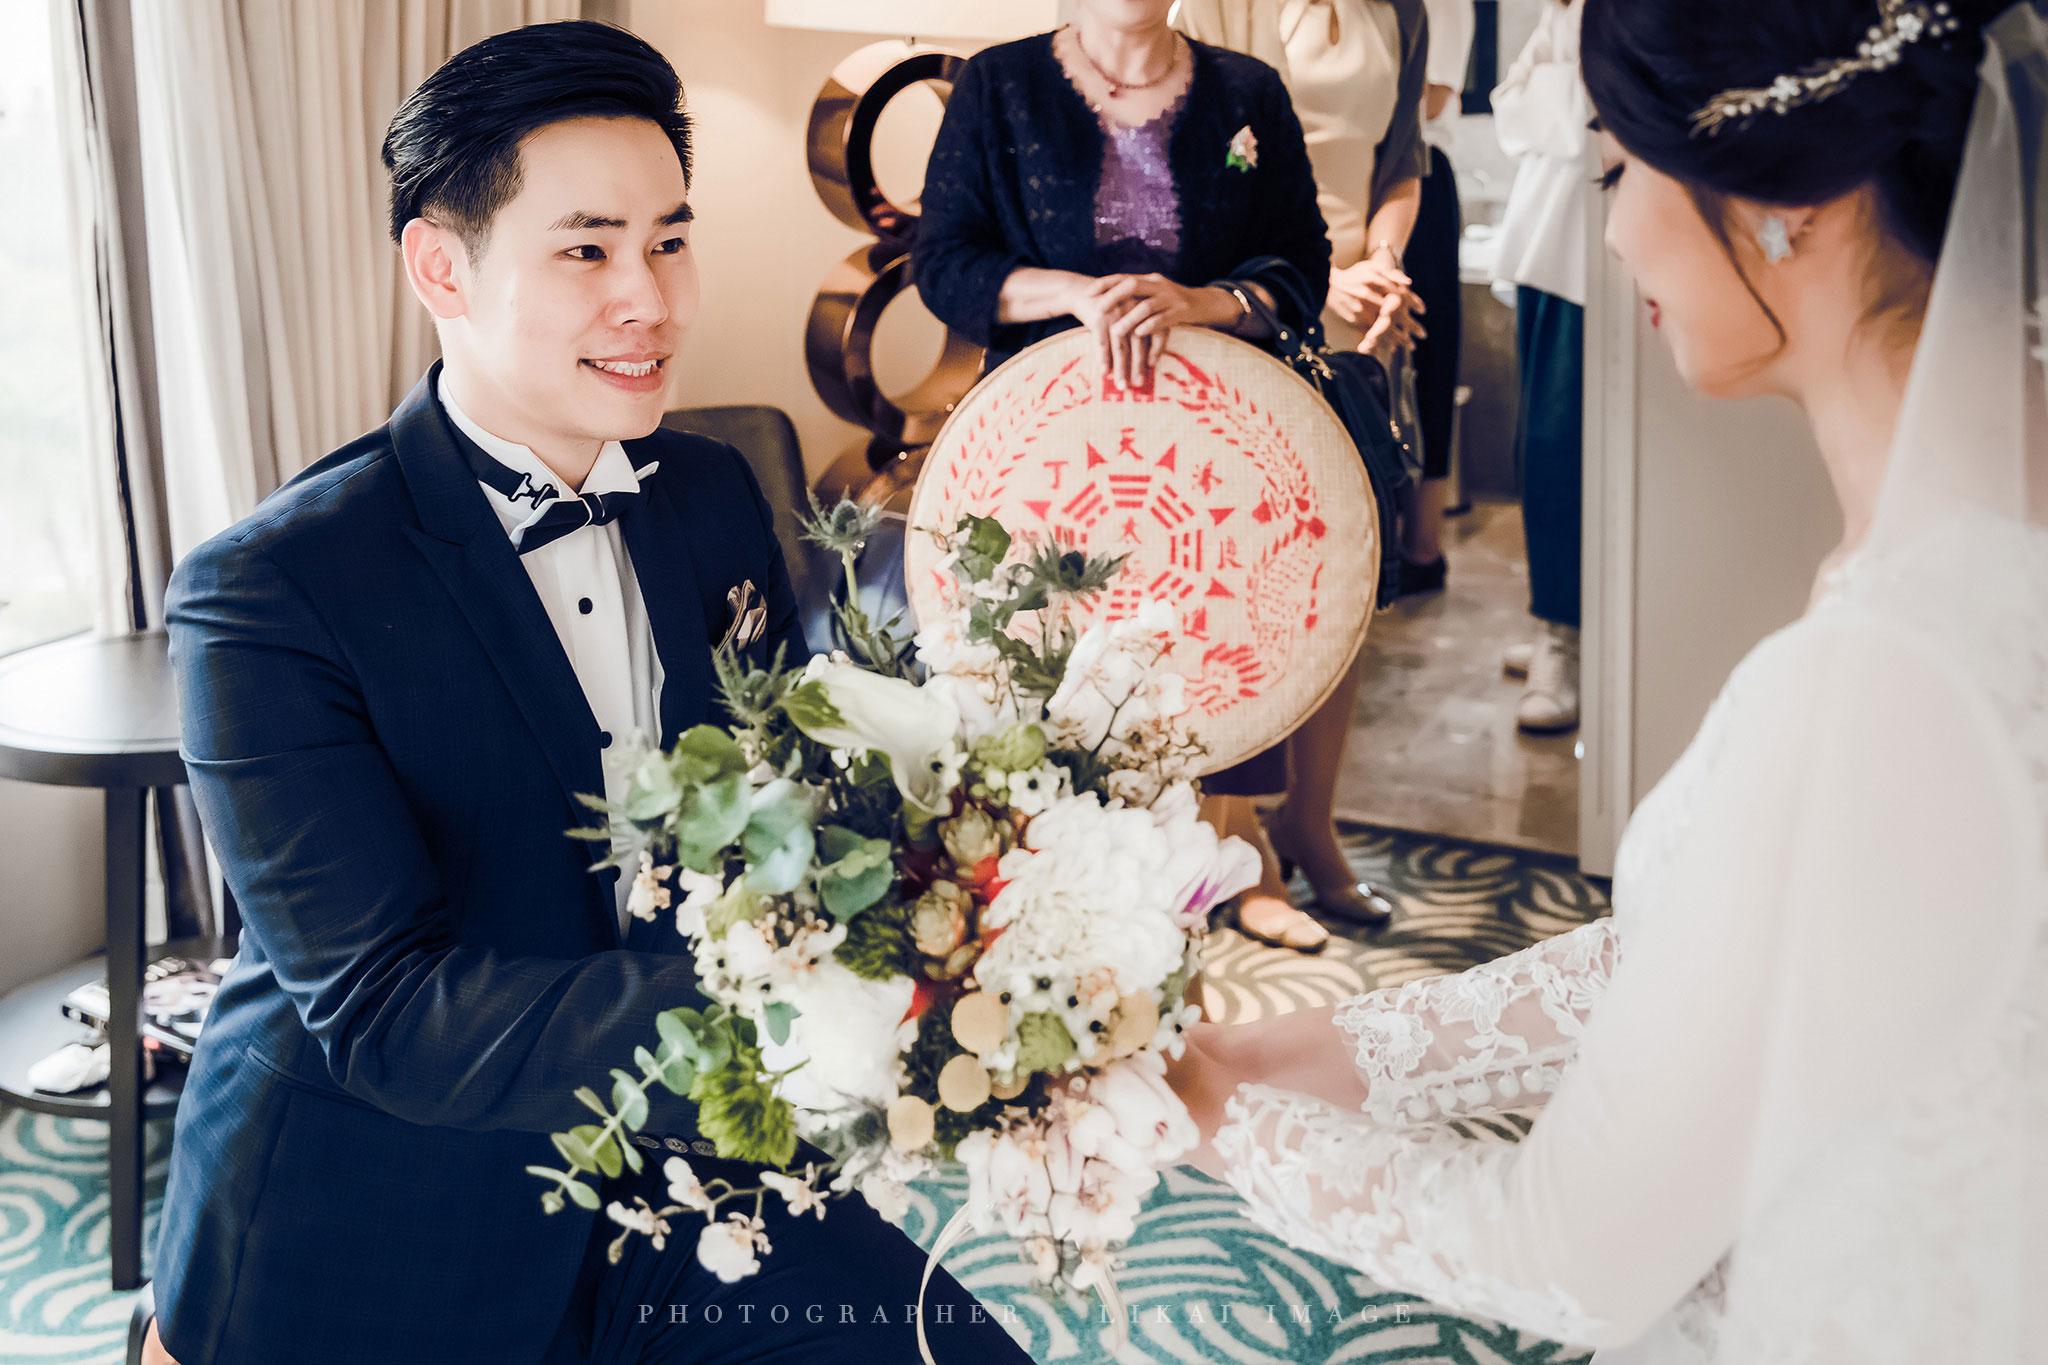 婚禮紀錄 - Jean & Yu Hsuan - 君悅酒店